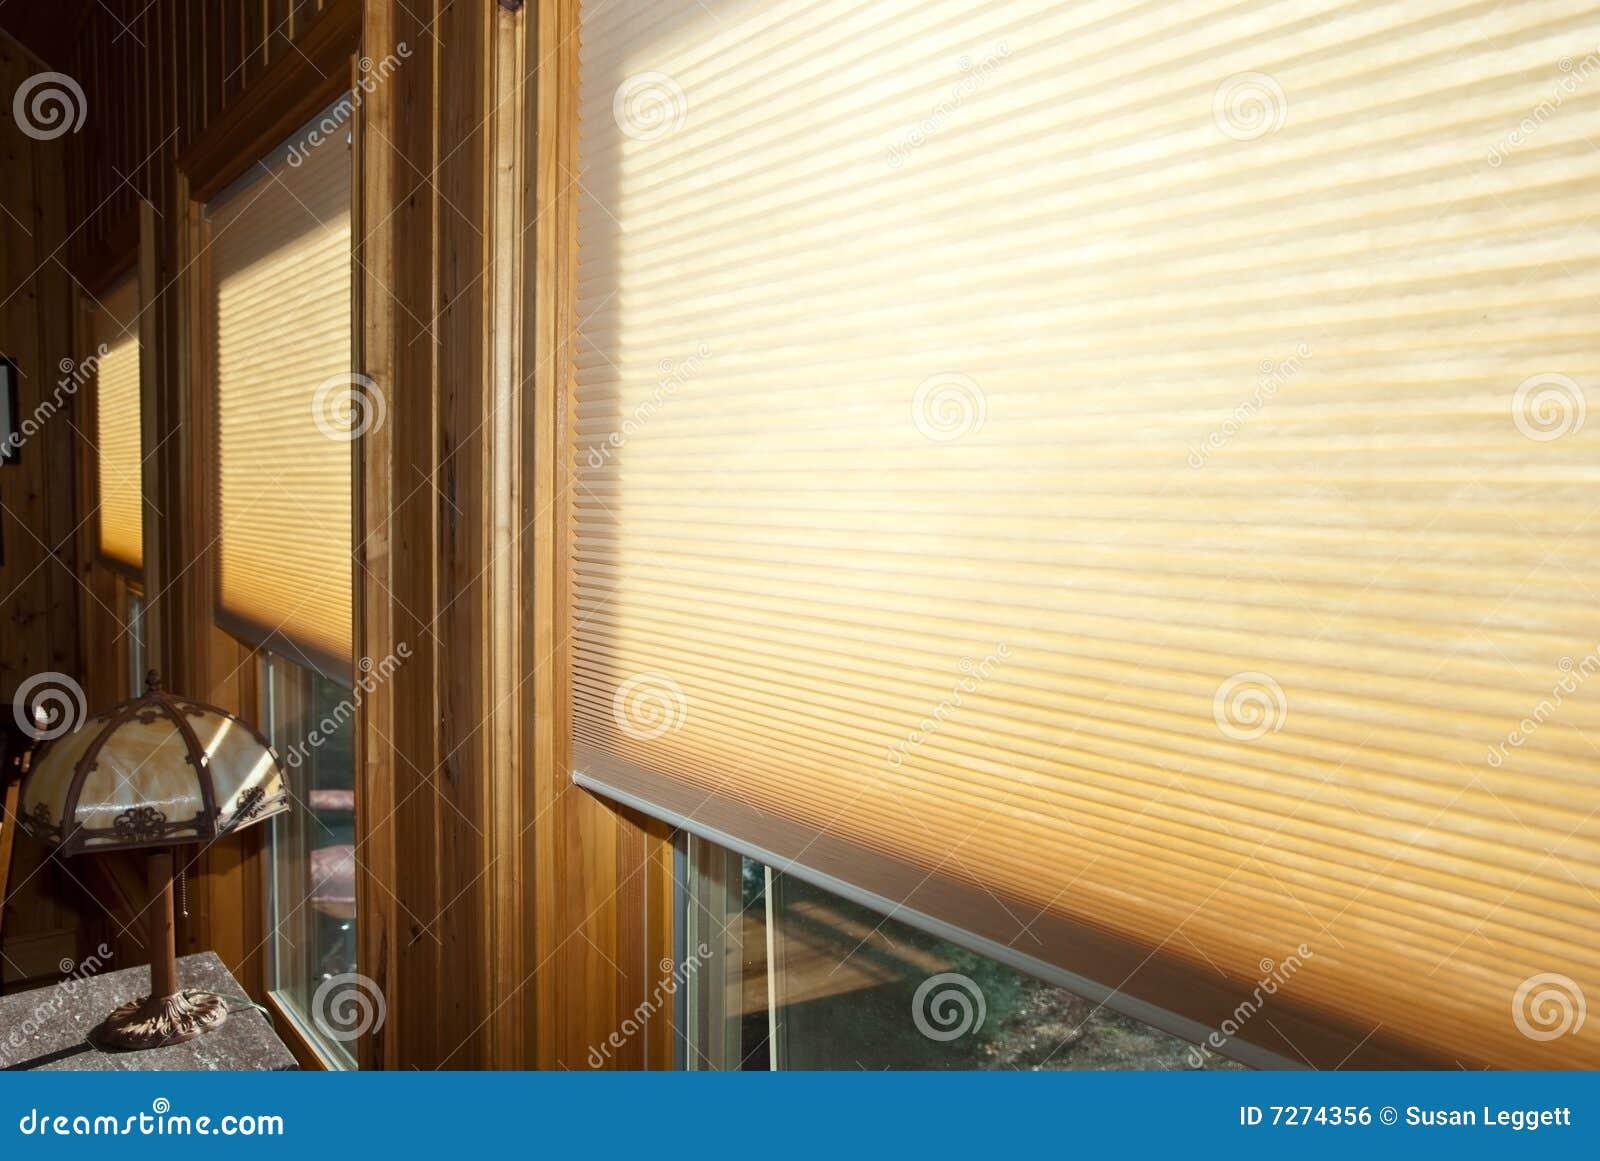 Acceca la finestra